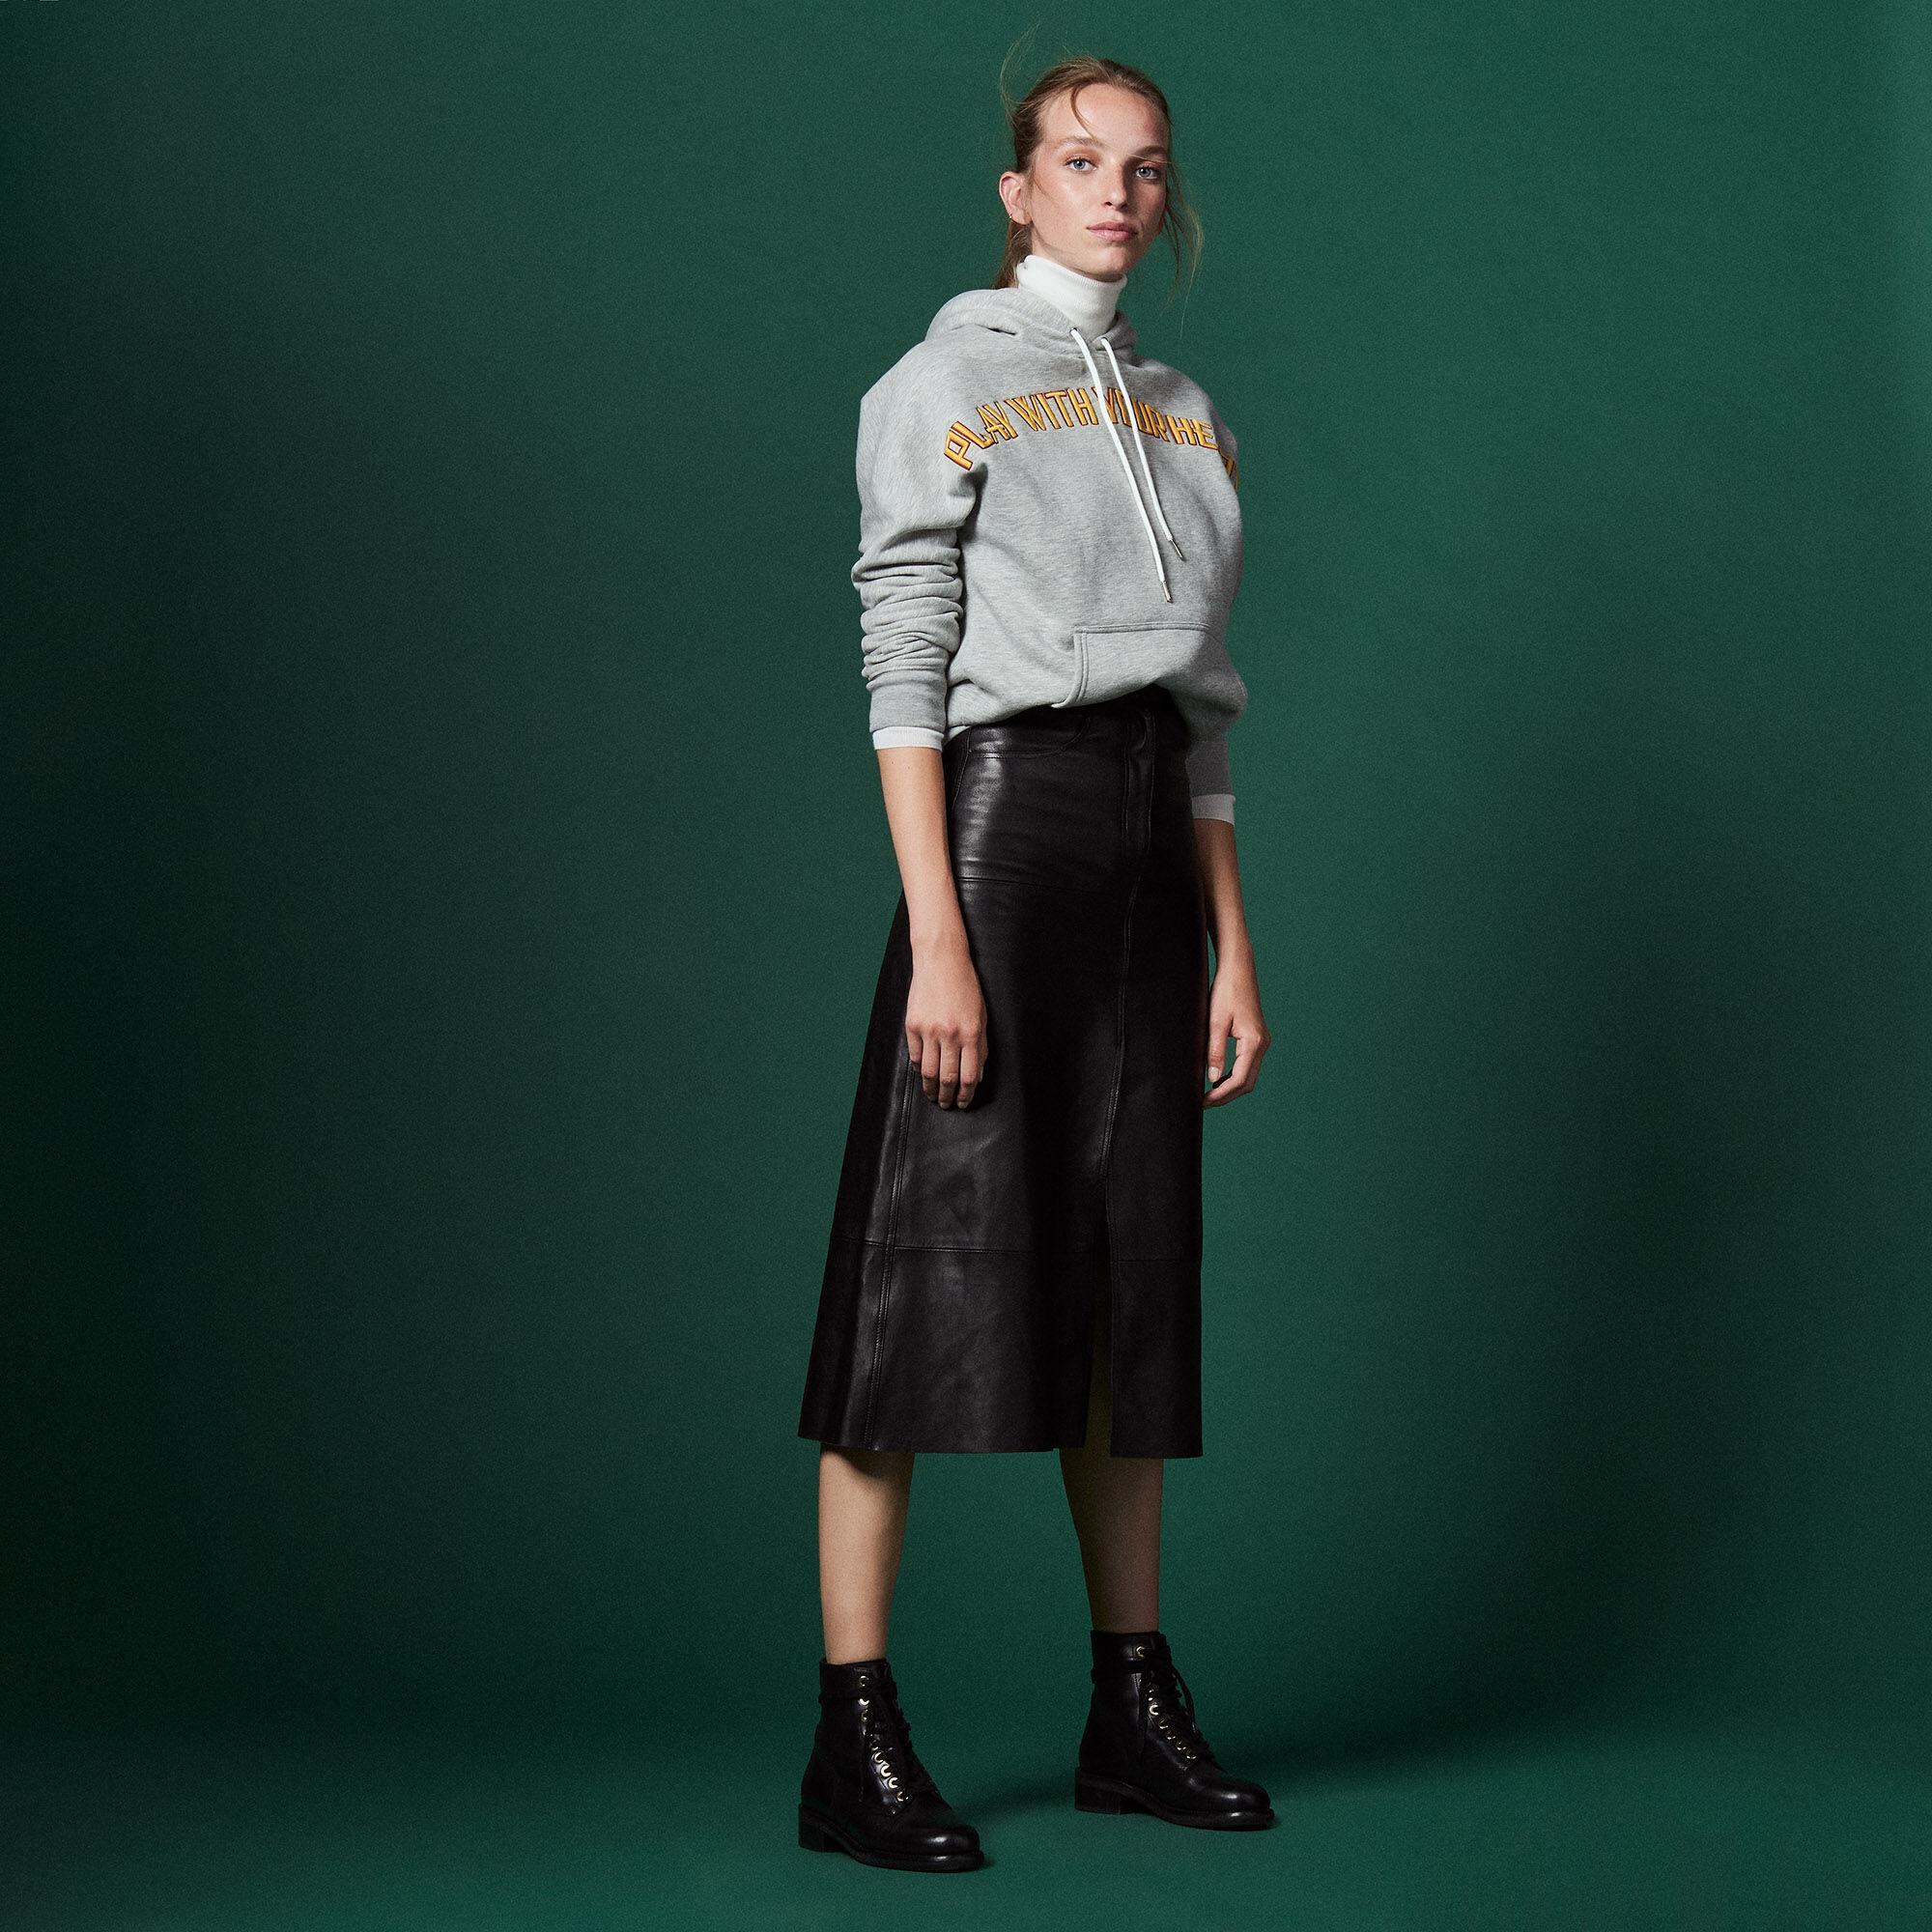 Vêtement Pour Et Accessoire Collection Hiver Accessoires Femme CTqac5x